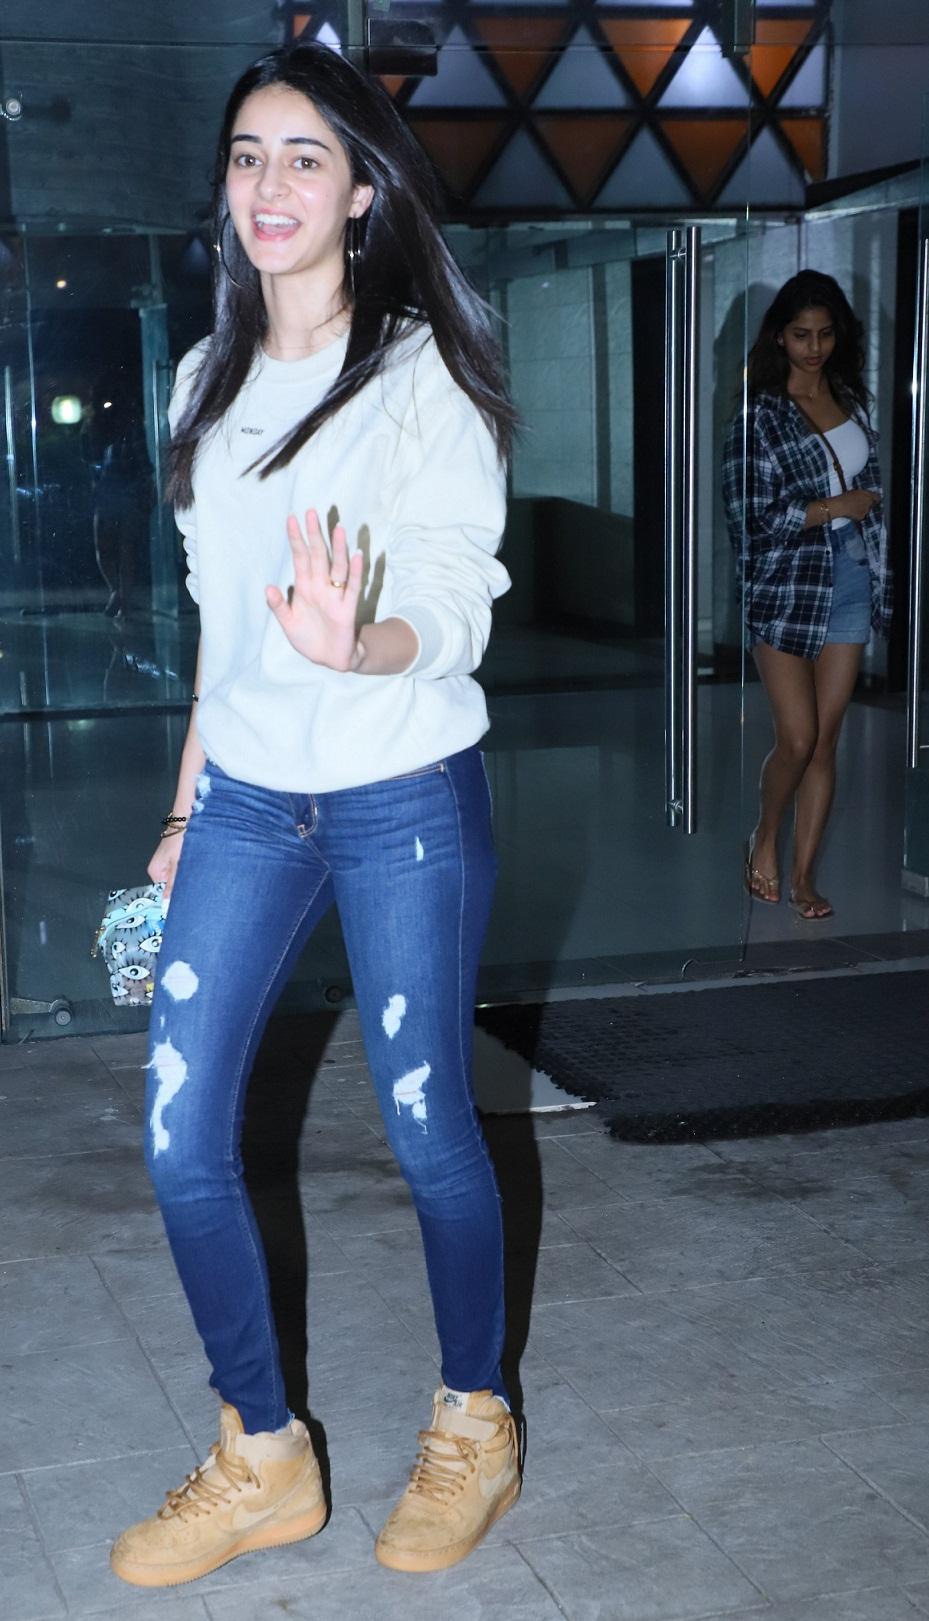 Bollywood Tadka, सुहाना खान इमेज, सुहाना खान फोटो, सुहाना खान पिक्चर, अनन्या पांडे इमेज, अनन्या पांडे फोटो, अनन्या पांडे पिक्चर